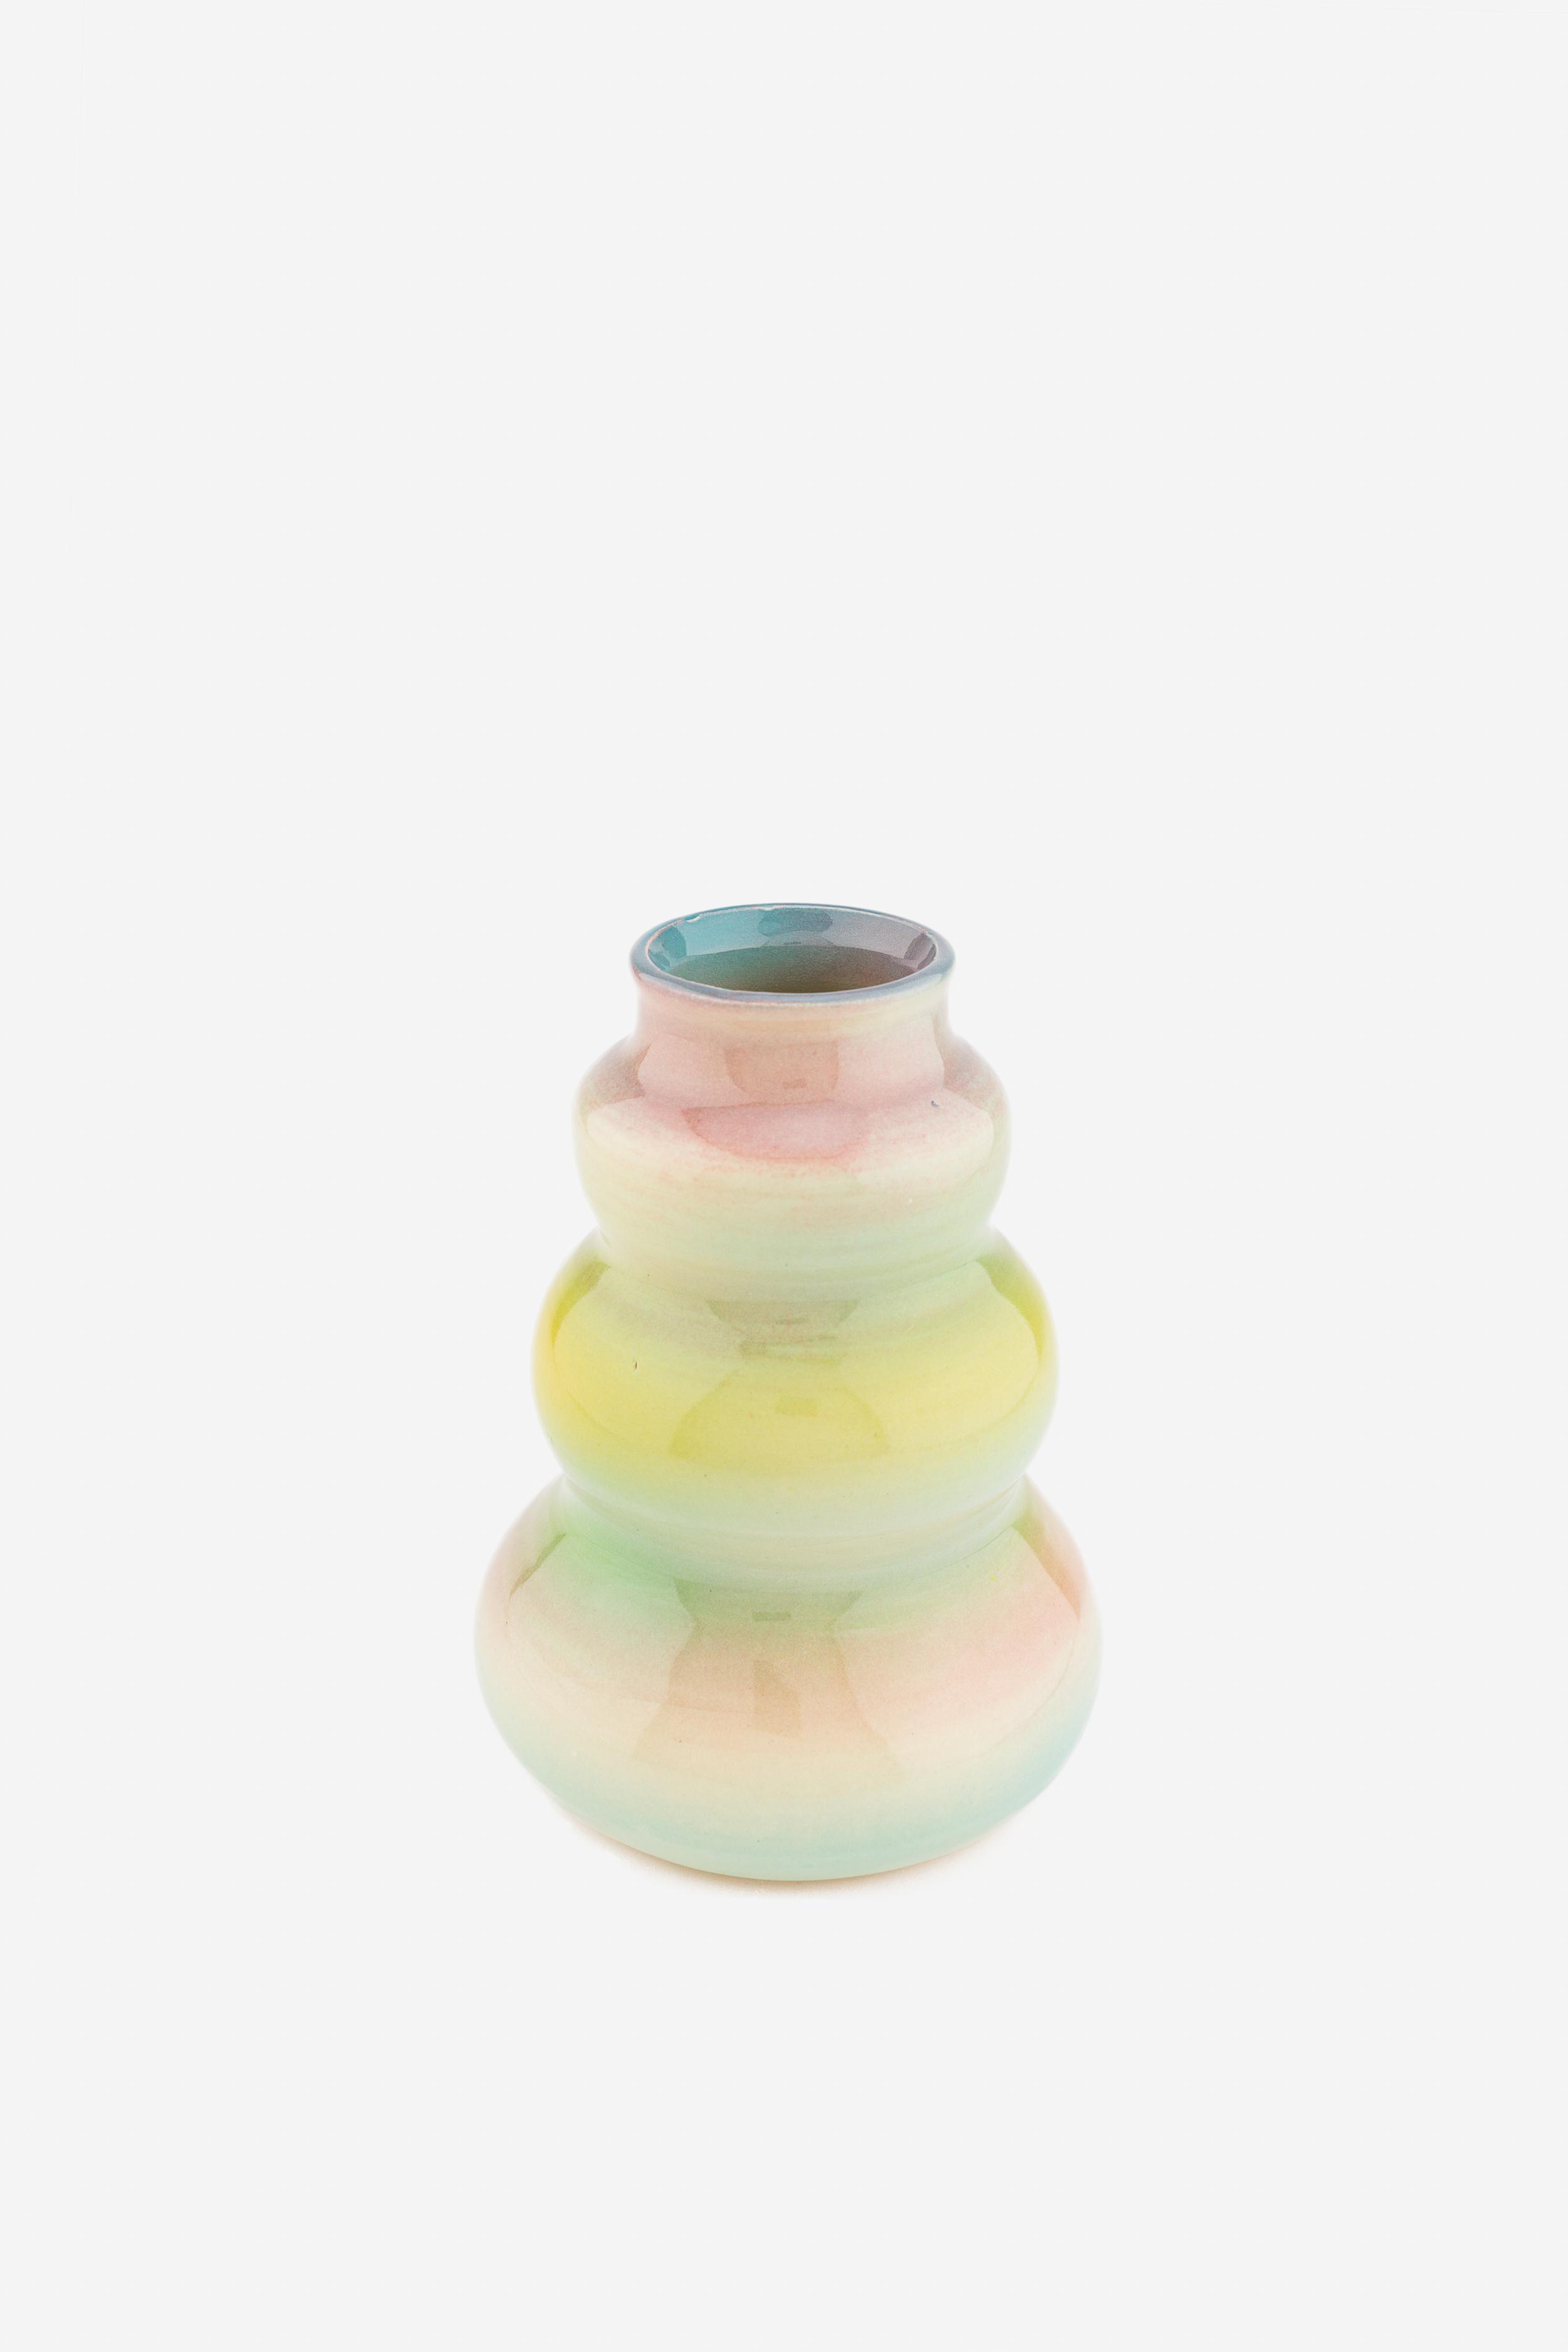 Ombré Triple Bubble Vessel  2016